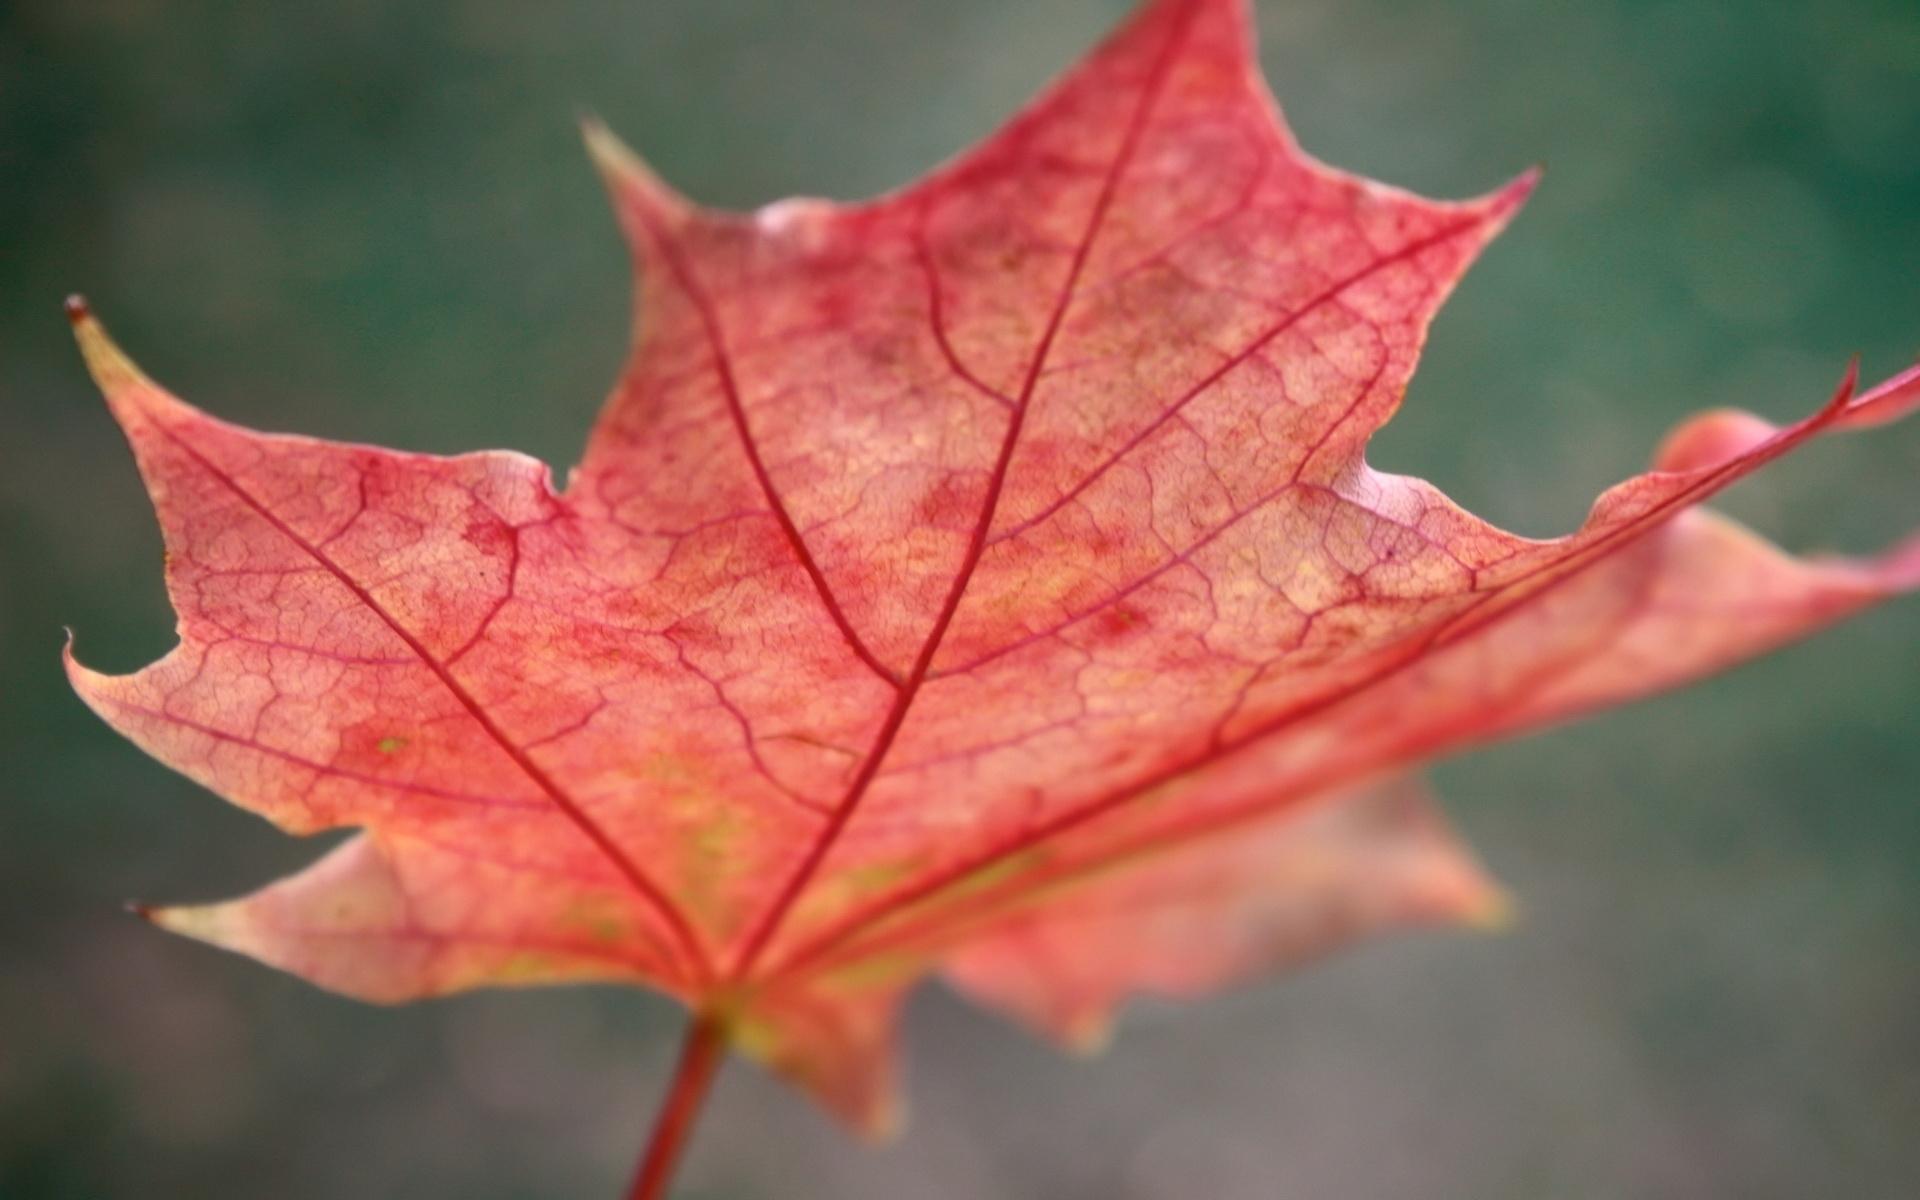 Скачать картинку Растения, Листья в телефон бесплатно.